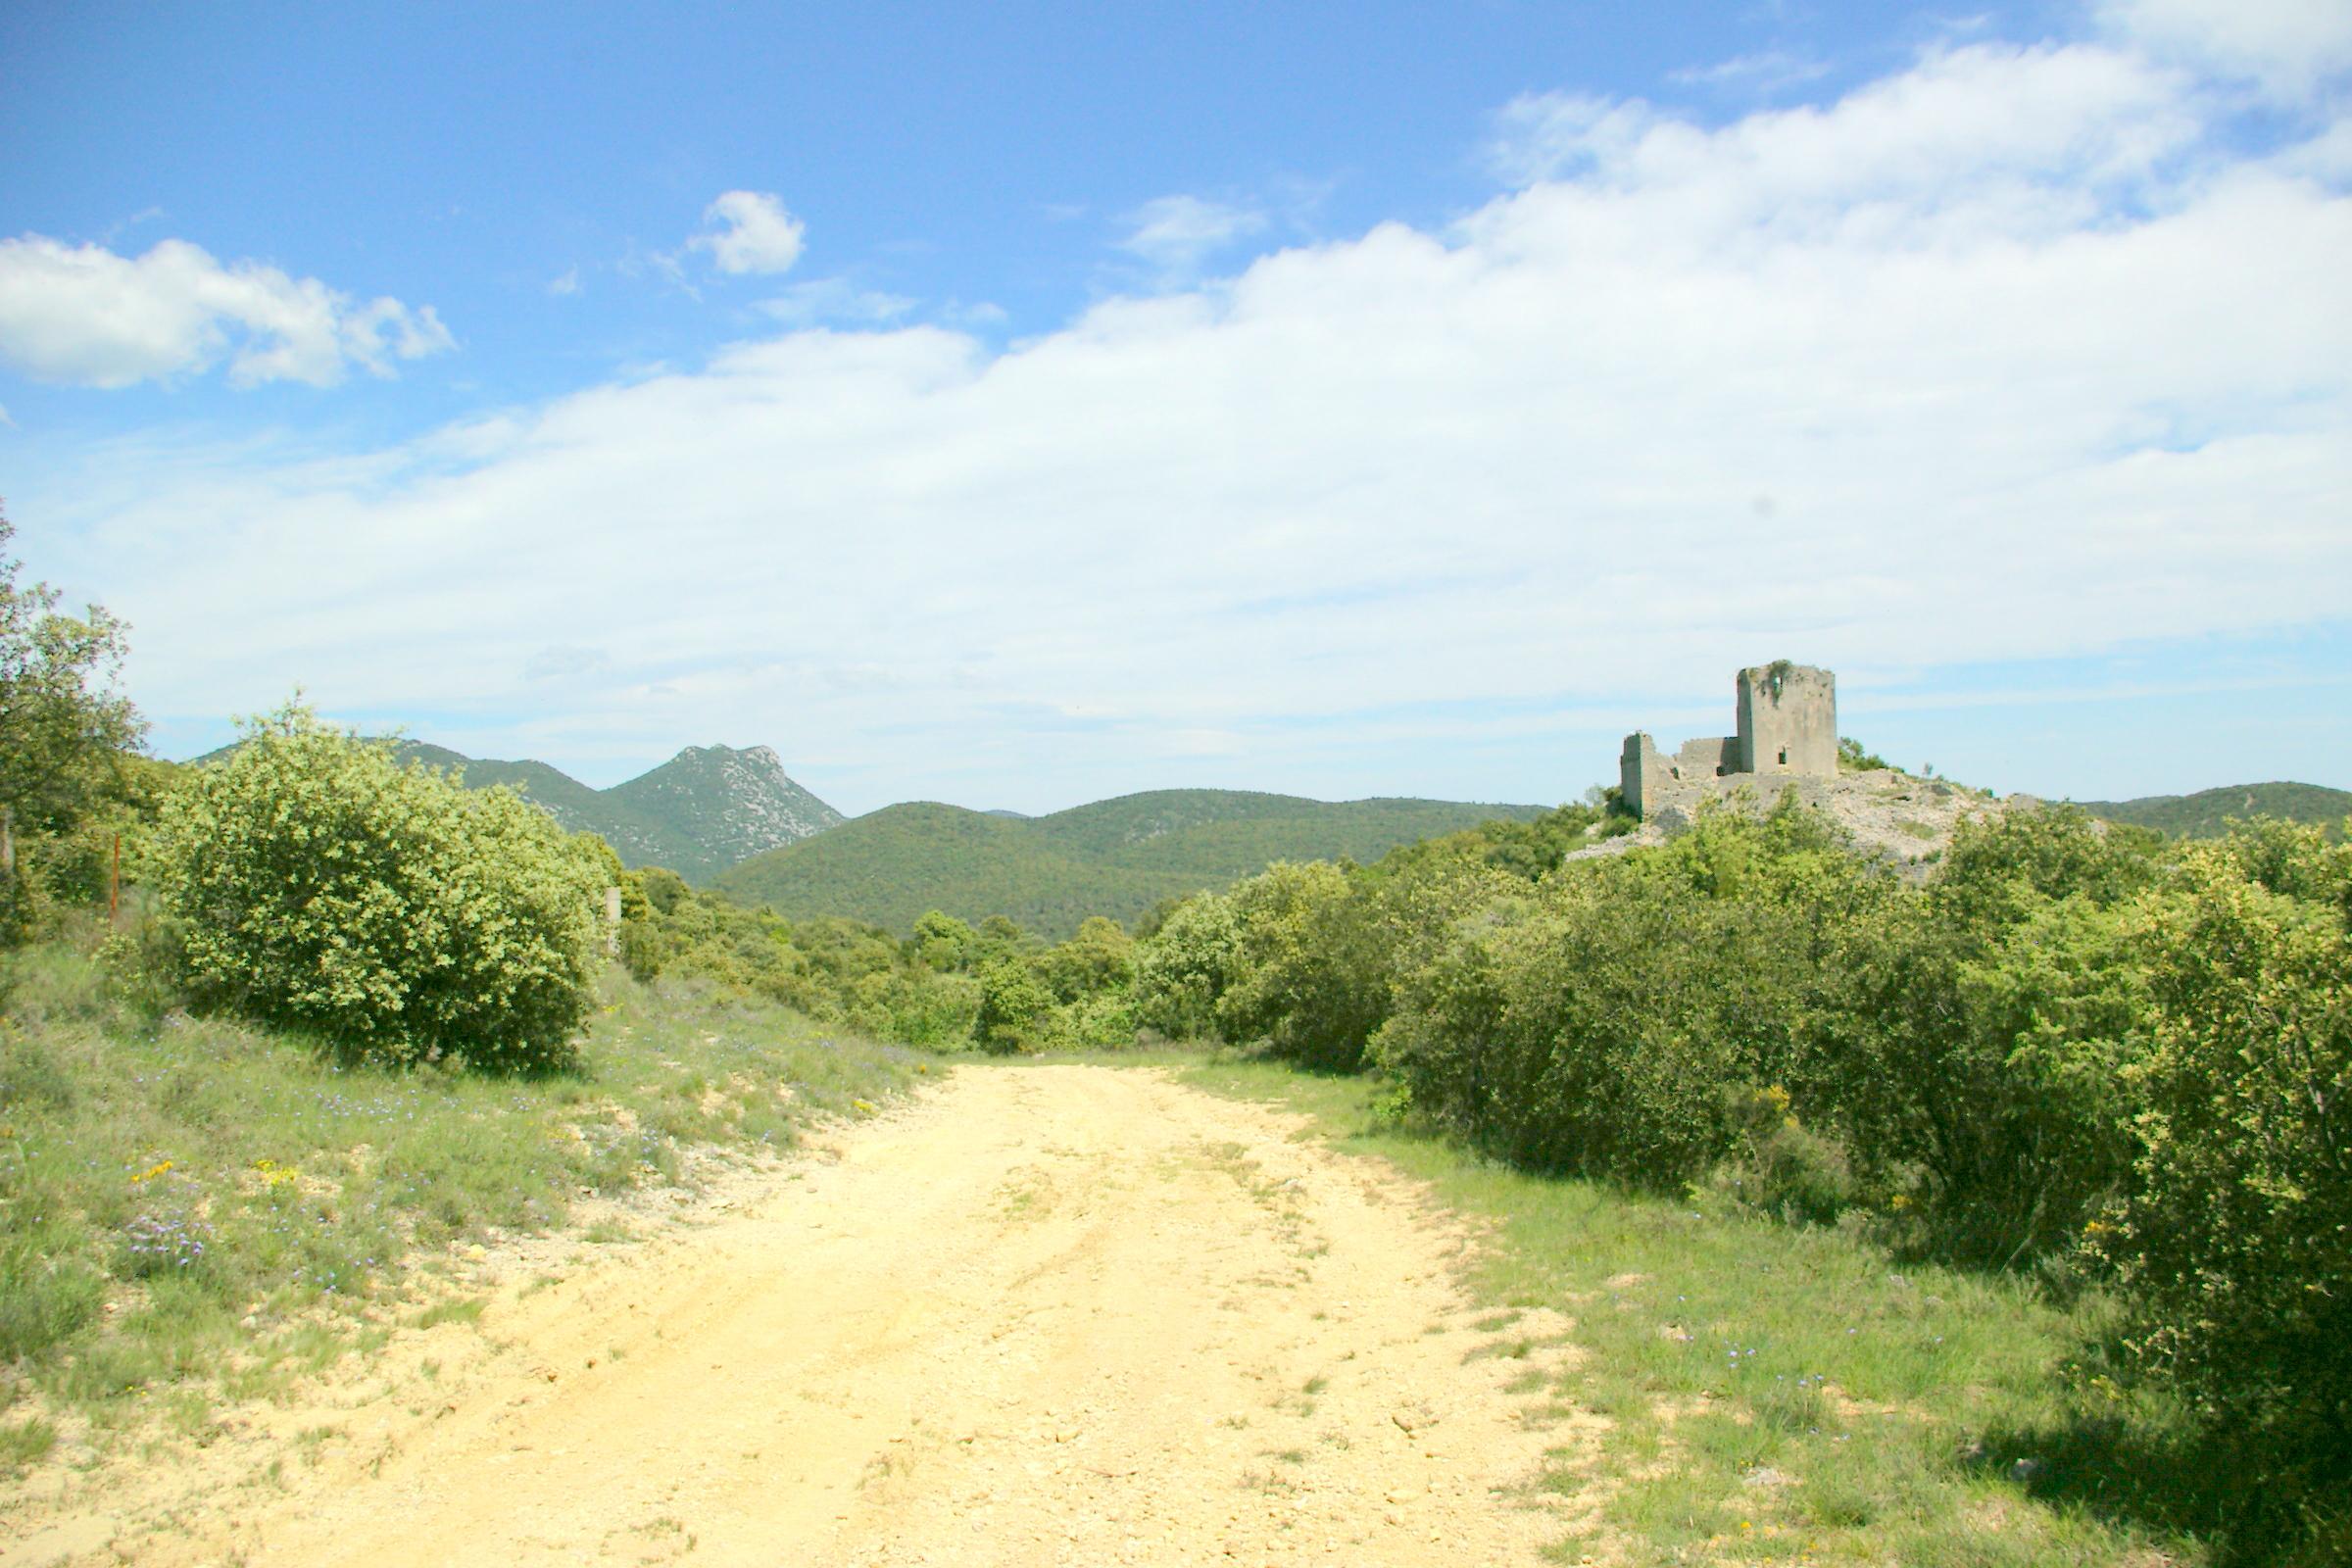 castellas de montoulieu 20-05-2010 14-21-31